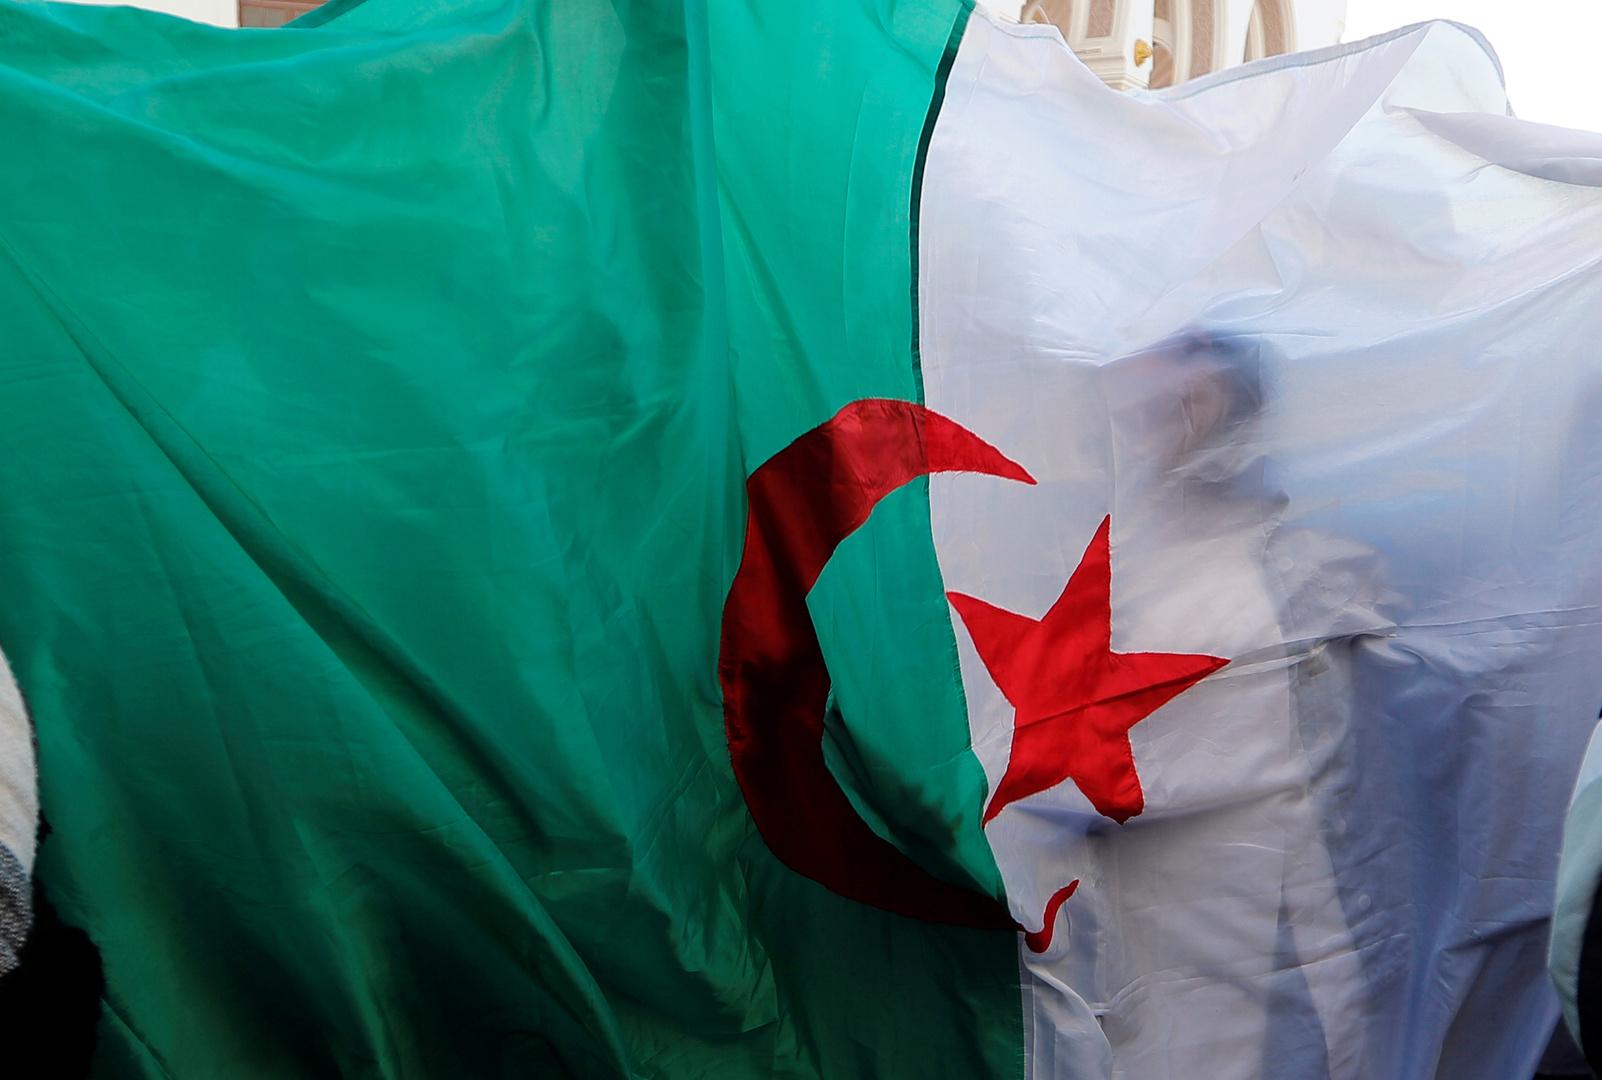 الشرطة الجزائرية تنتشر بكثافة في العاصمة لمنع أي احتجاجات